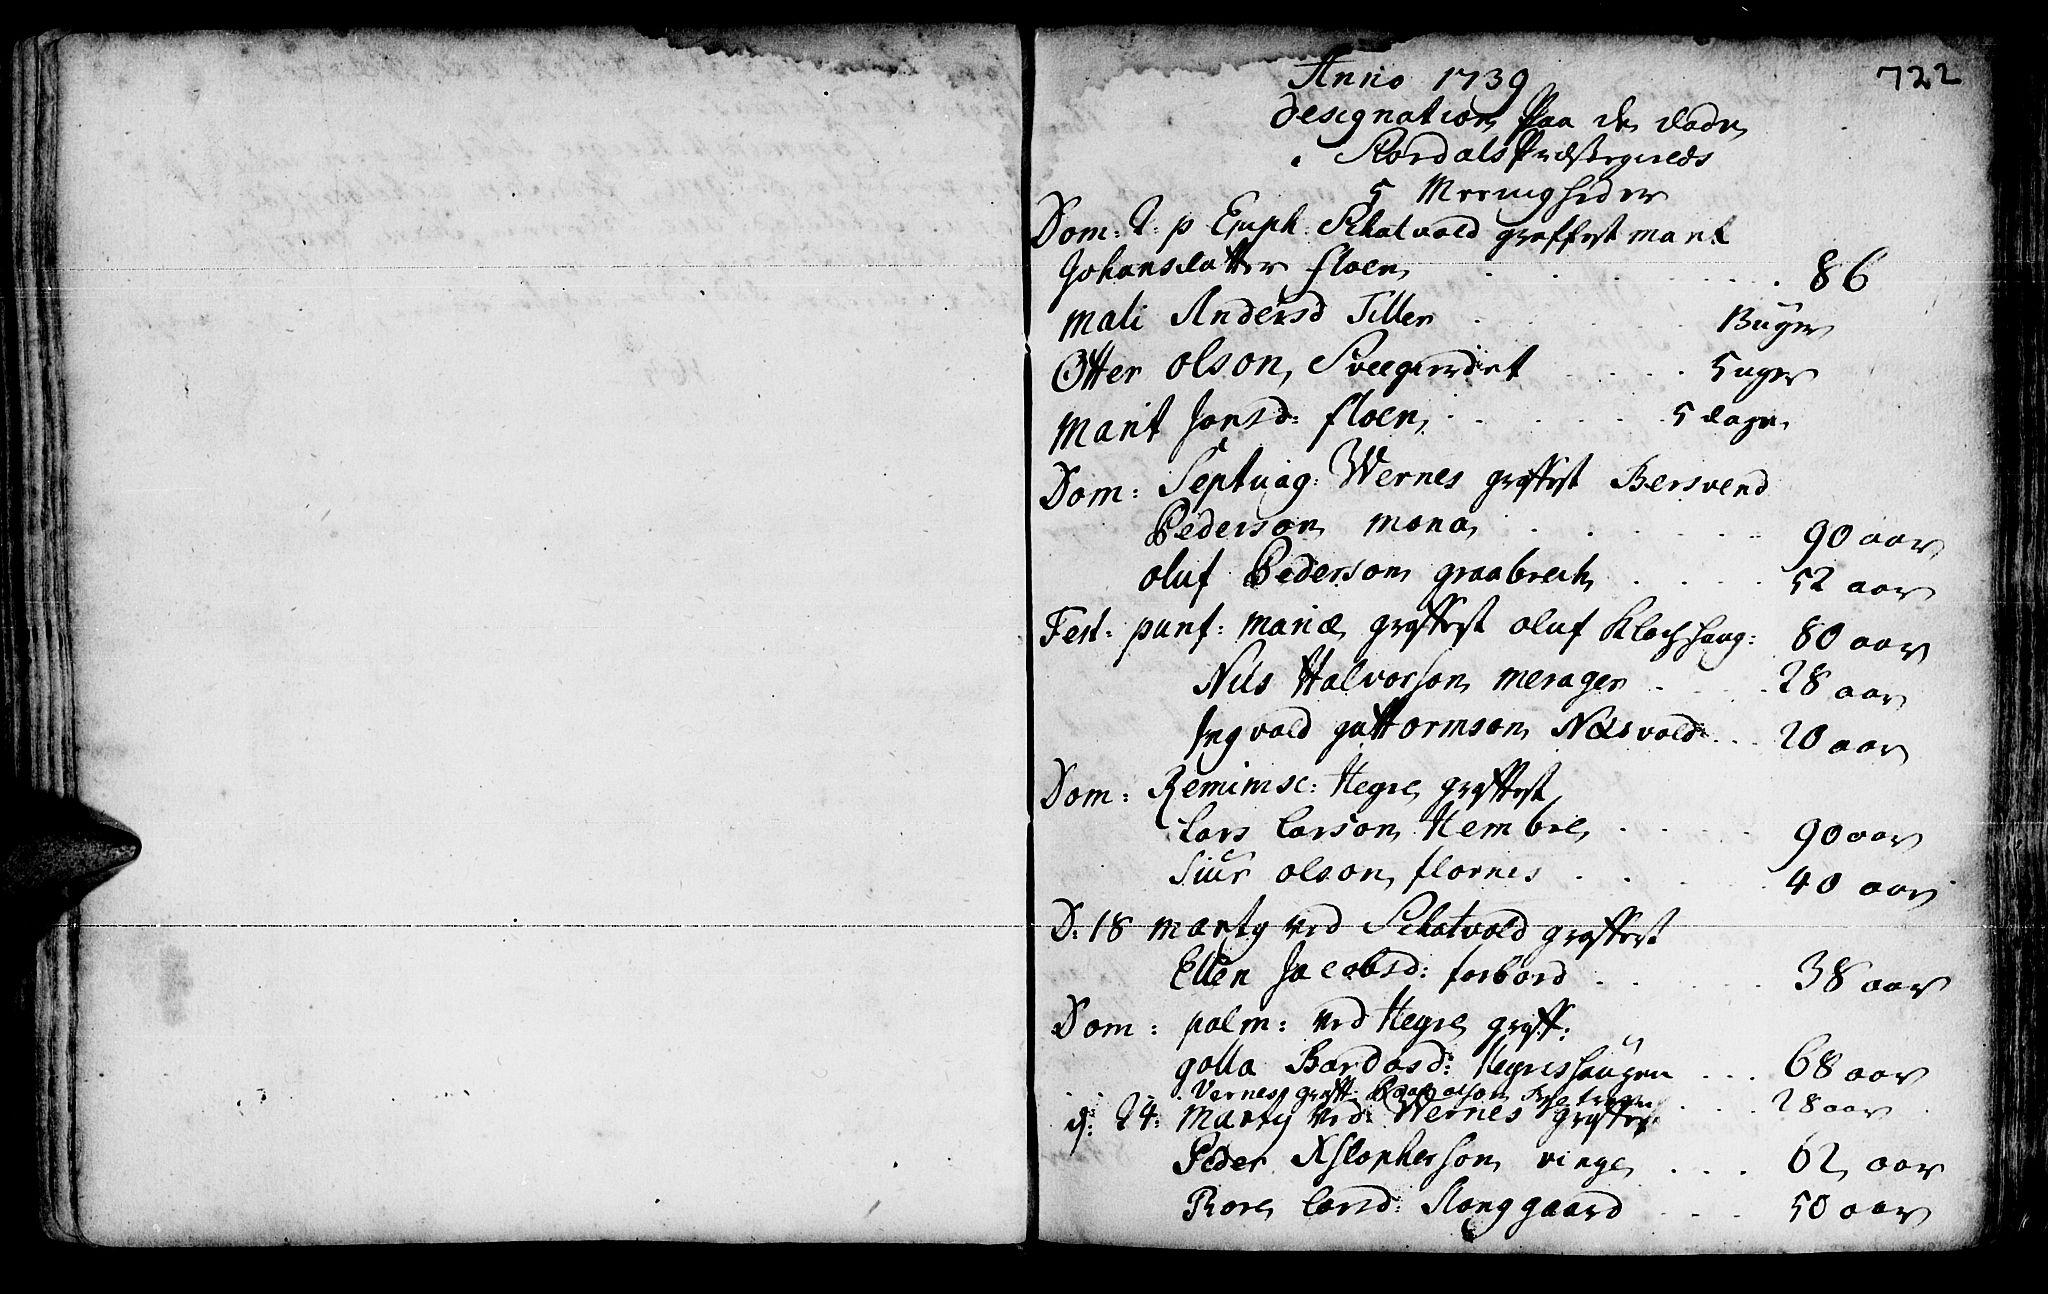 SAT, Ministerialprotokoller, klokkerbøker og fødselsregistre - Nord-Trøndelag, 709/L0055: Ministerialbok nr. 709A03, 1730-1739, s. 721-722